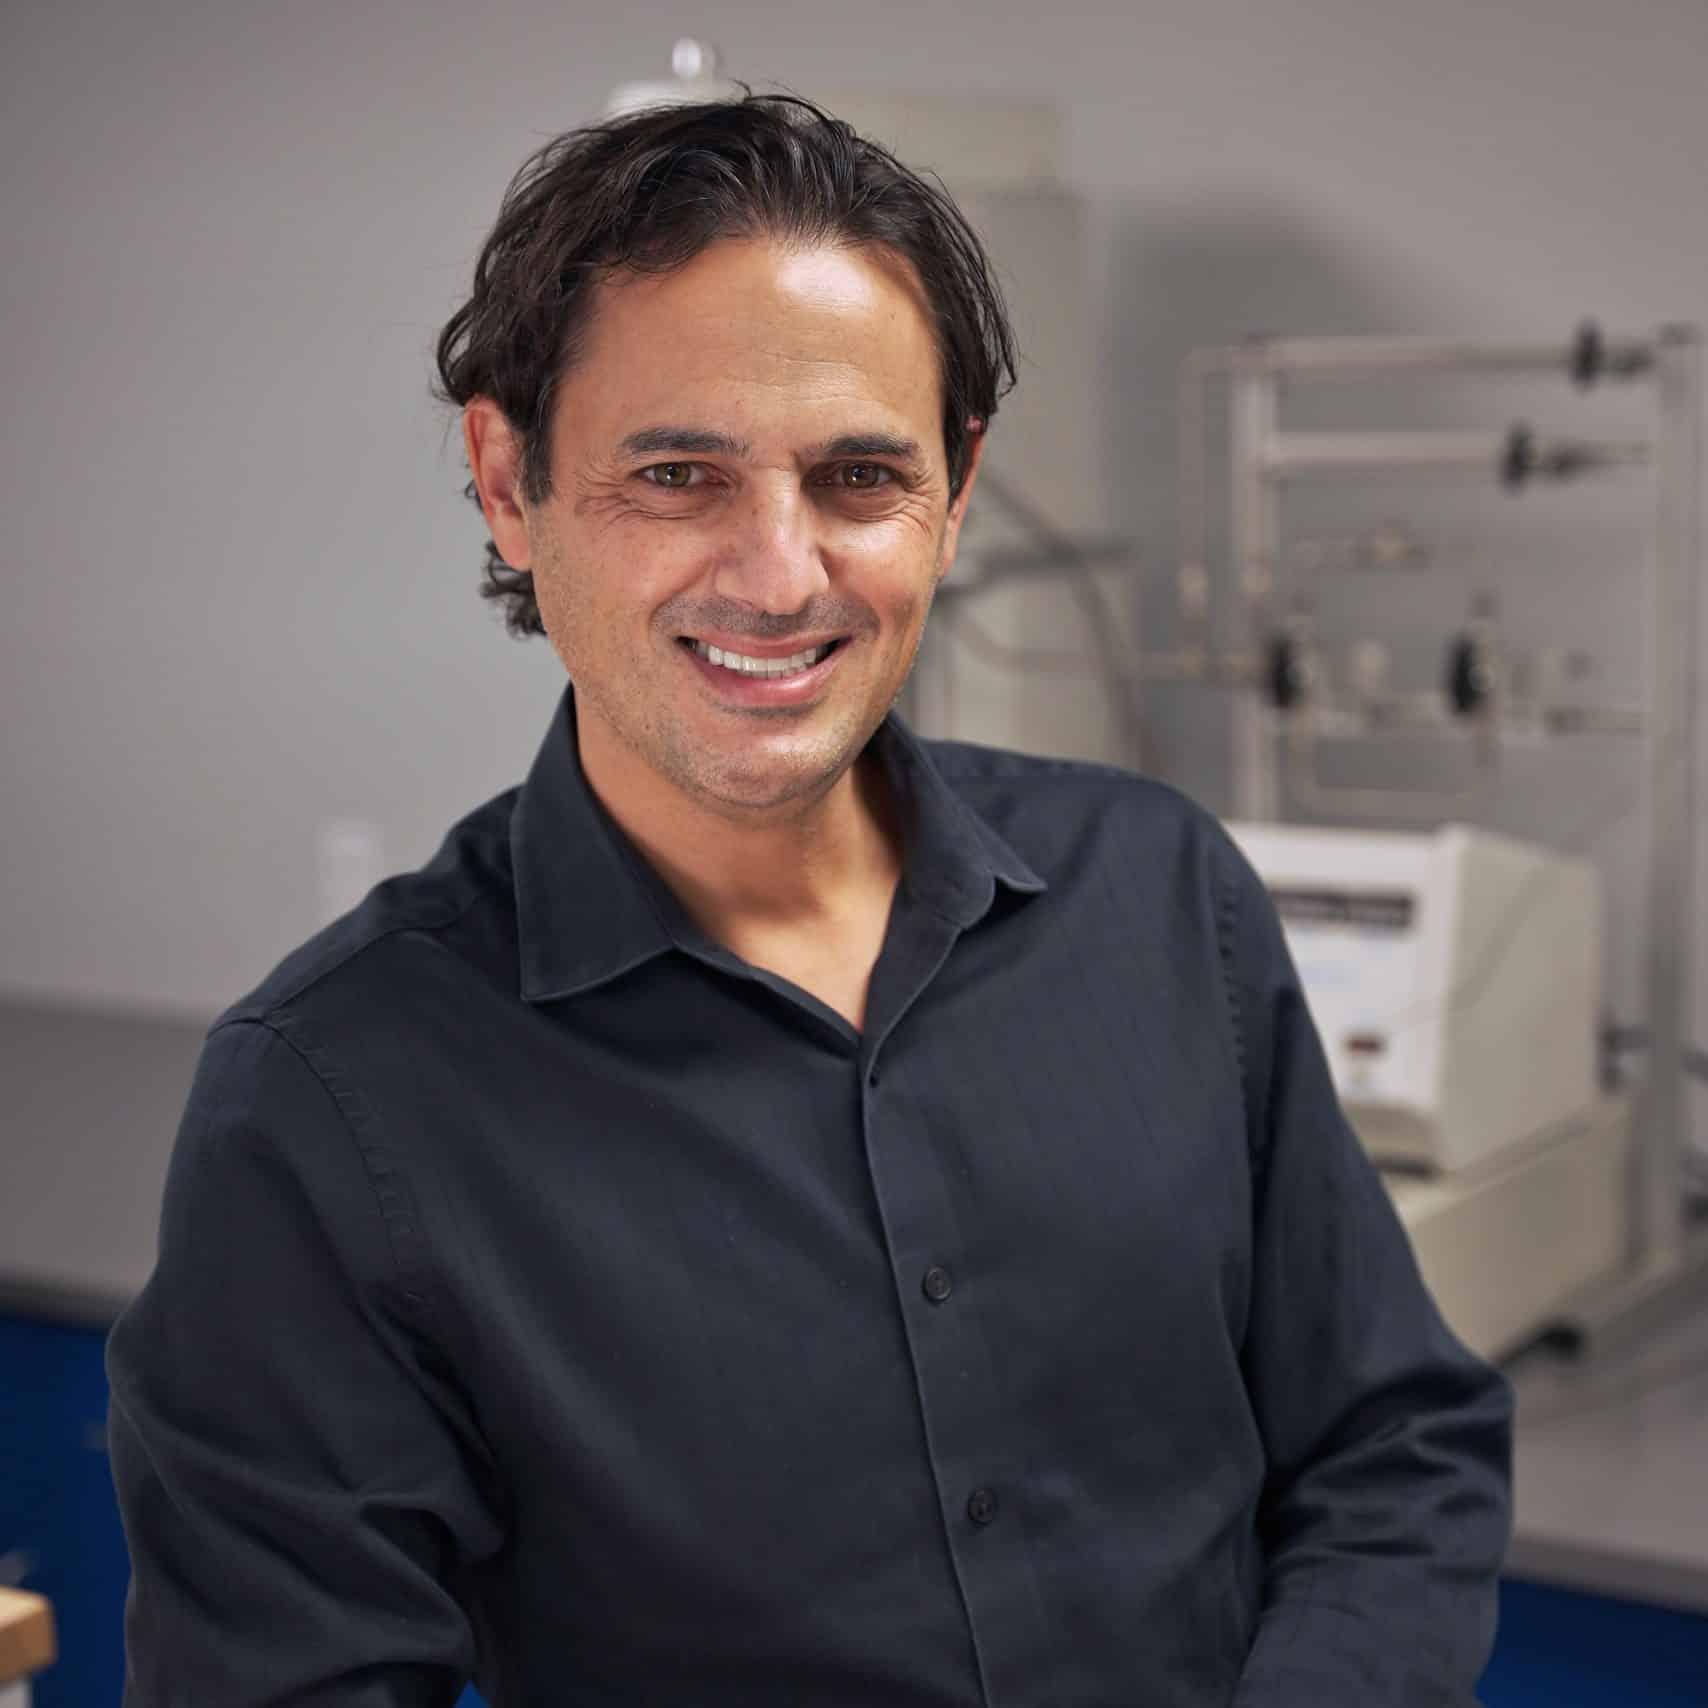 Dr. Denis Phares